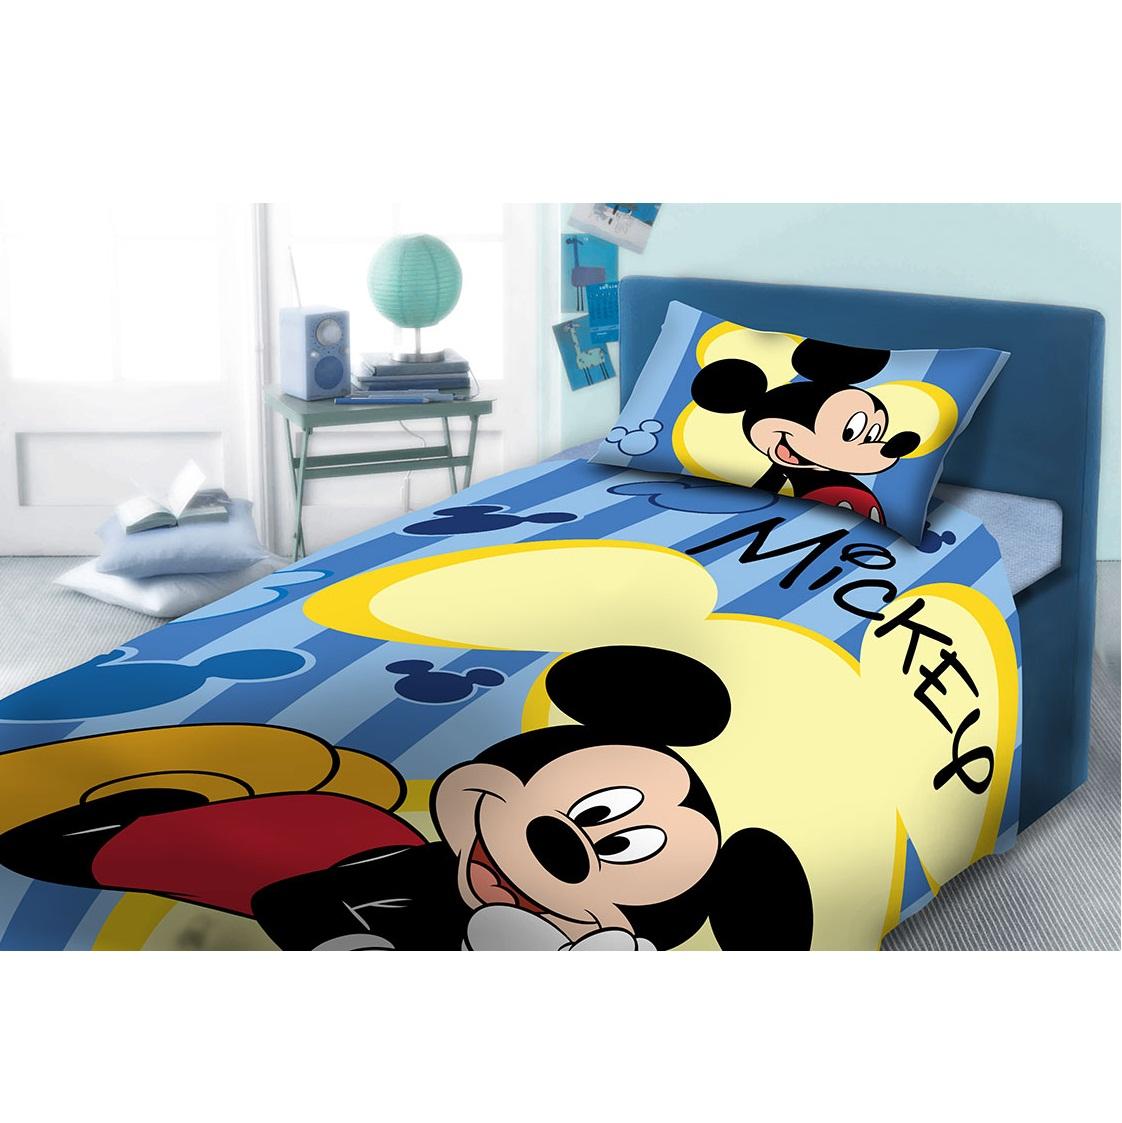 96d9a3c6850 Σετ Σεντόνια Παιδικά 2 τμχ. Mickey 962 Disney Dim 165x245 - ElegantHome